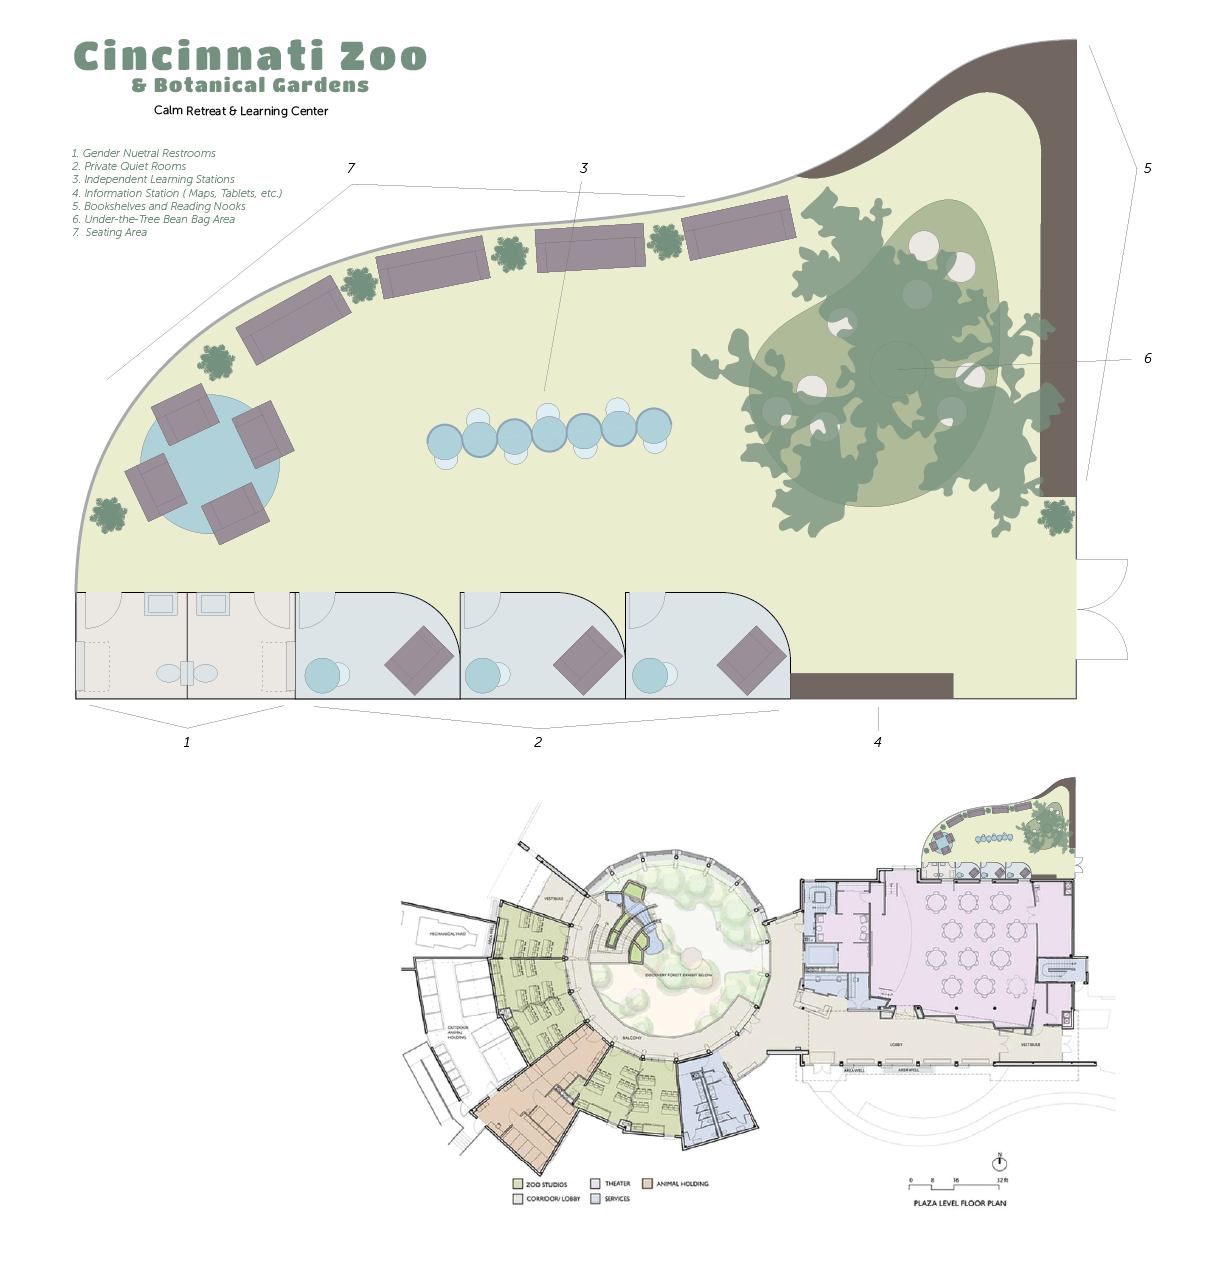 Cincinnati Zoo Service Design — Sierra Bailey-Van Kuren on